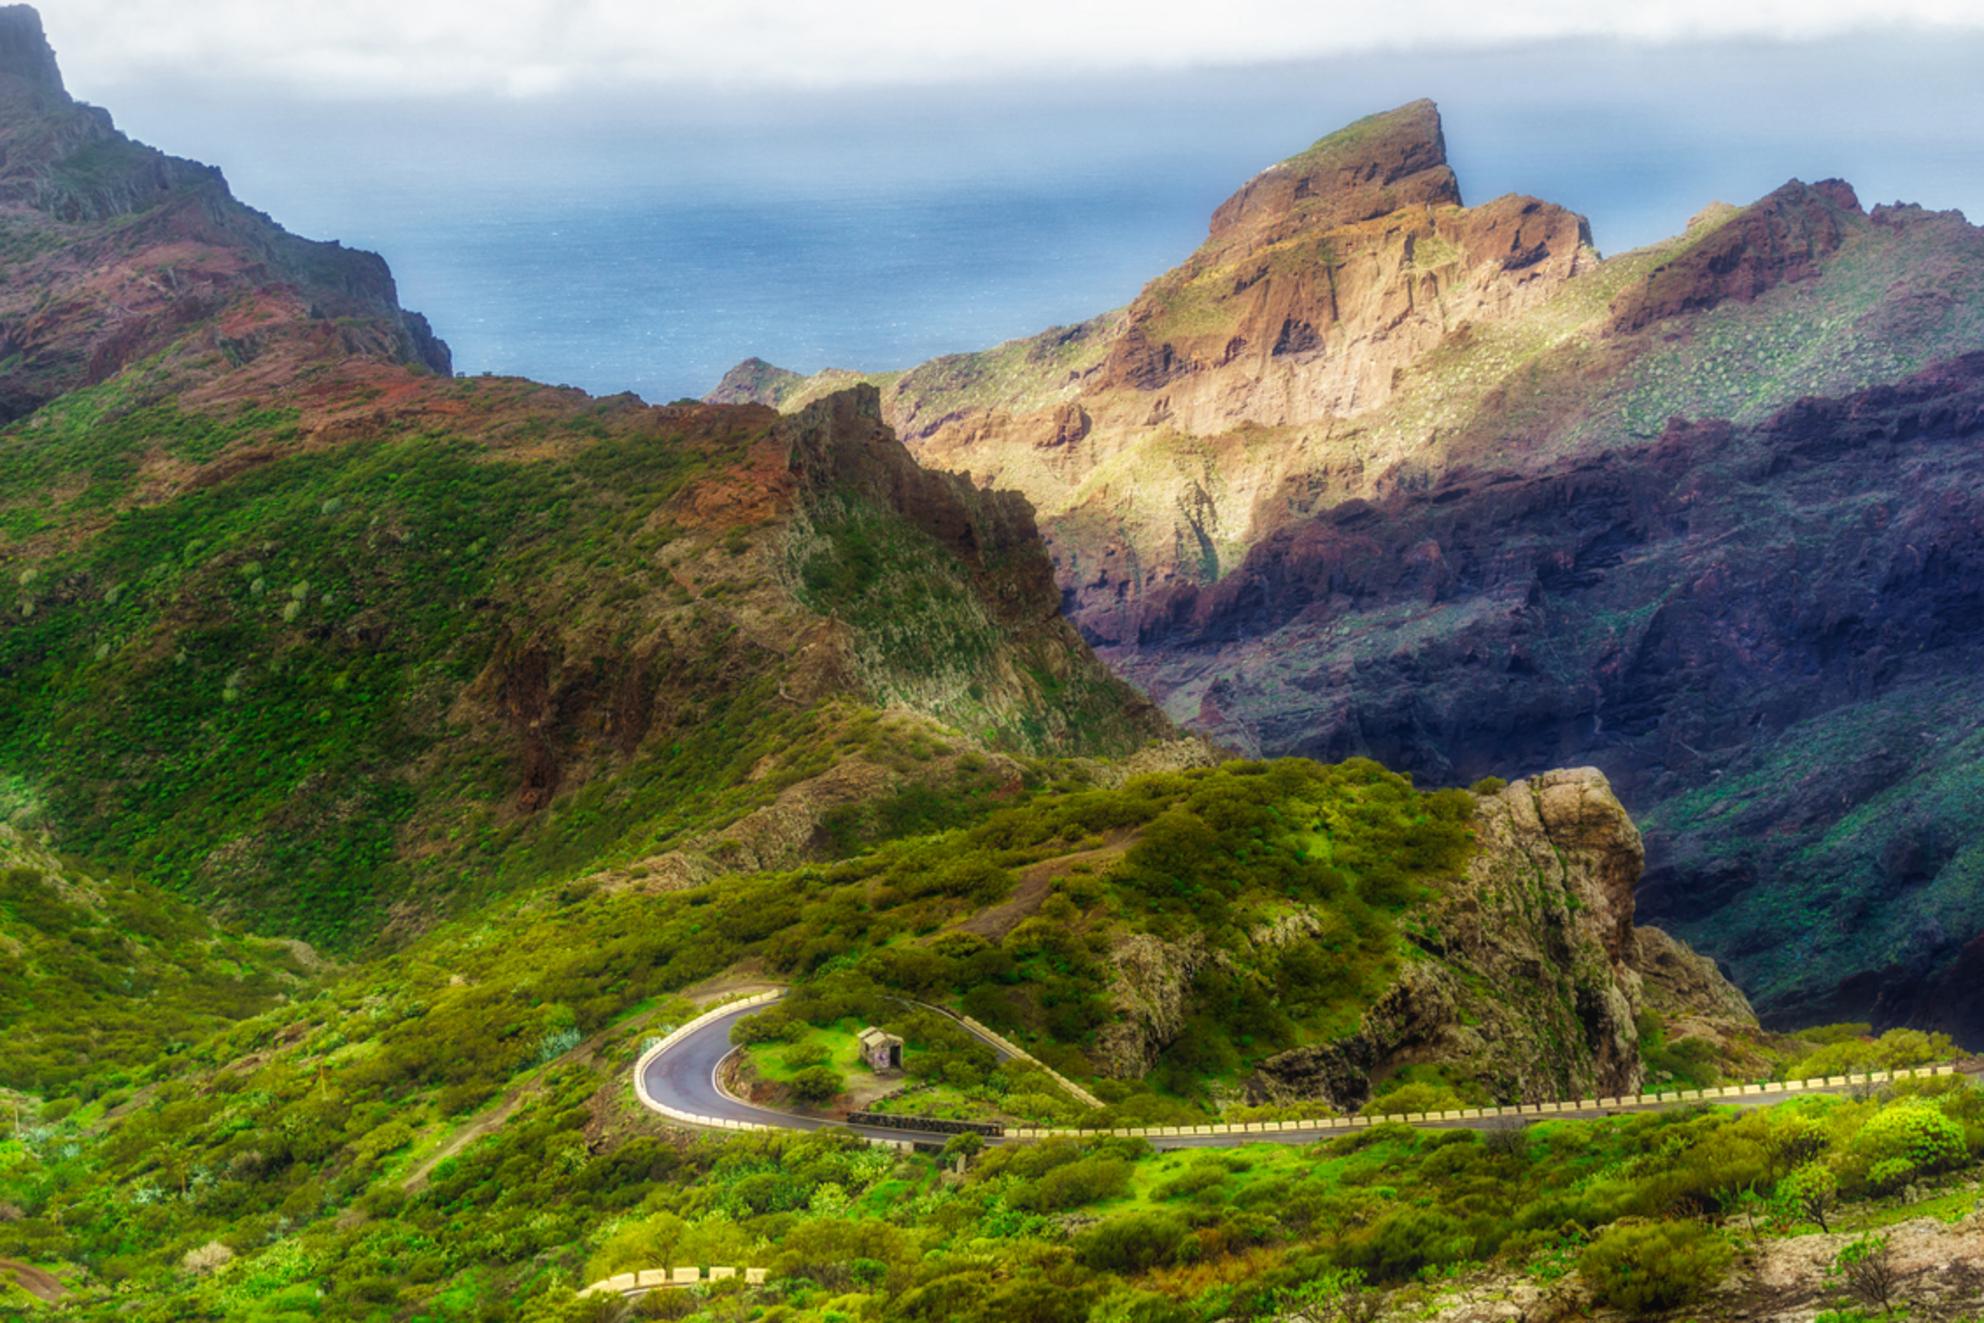 Hoog in de bergen - - - foto door gefeddert op 06-03-2018 - deze foto bevat: lucht, wolken, straat, zee, water, soft, vakantie, bomen, bergen, huisje, weg, rotsen - Deze foto mag gebruikt worden in een Zoom.nl publicatie